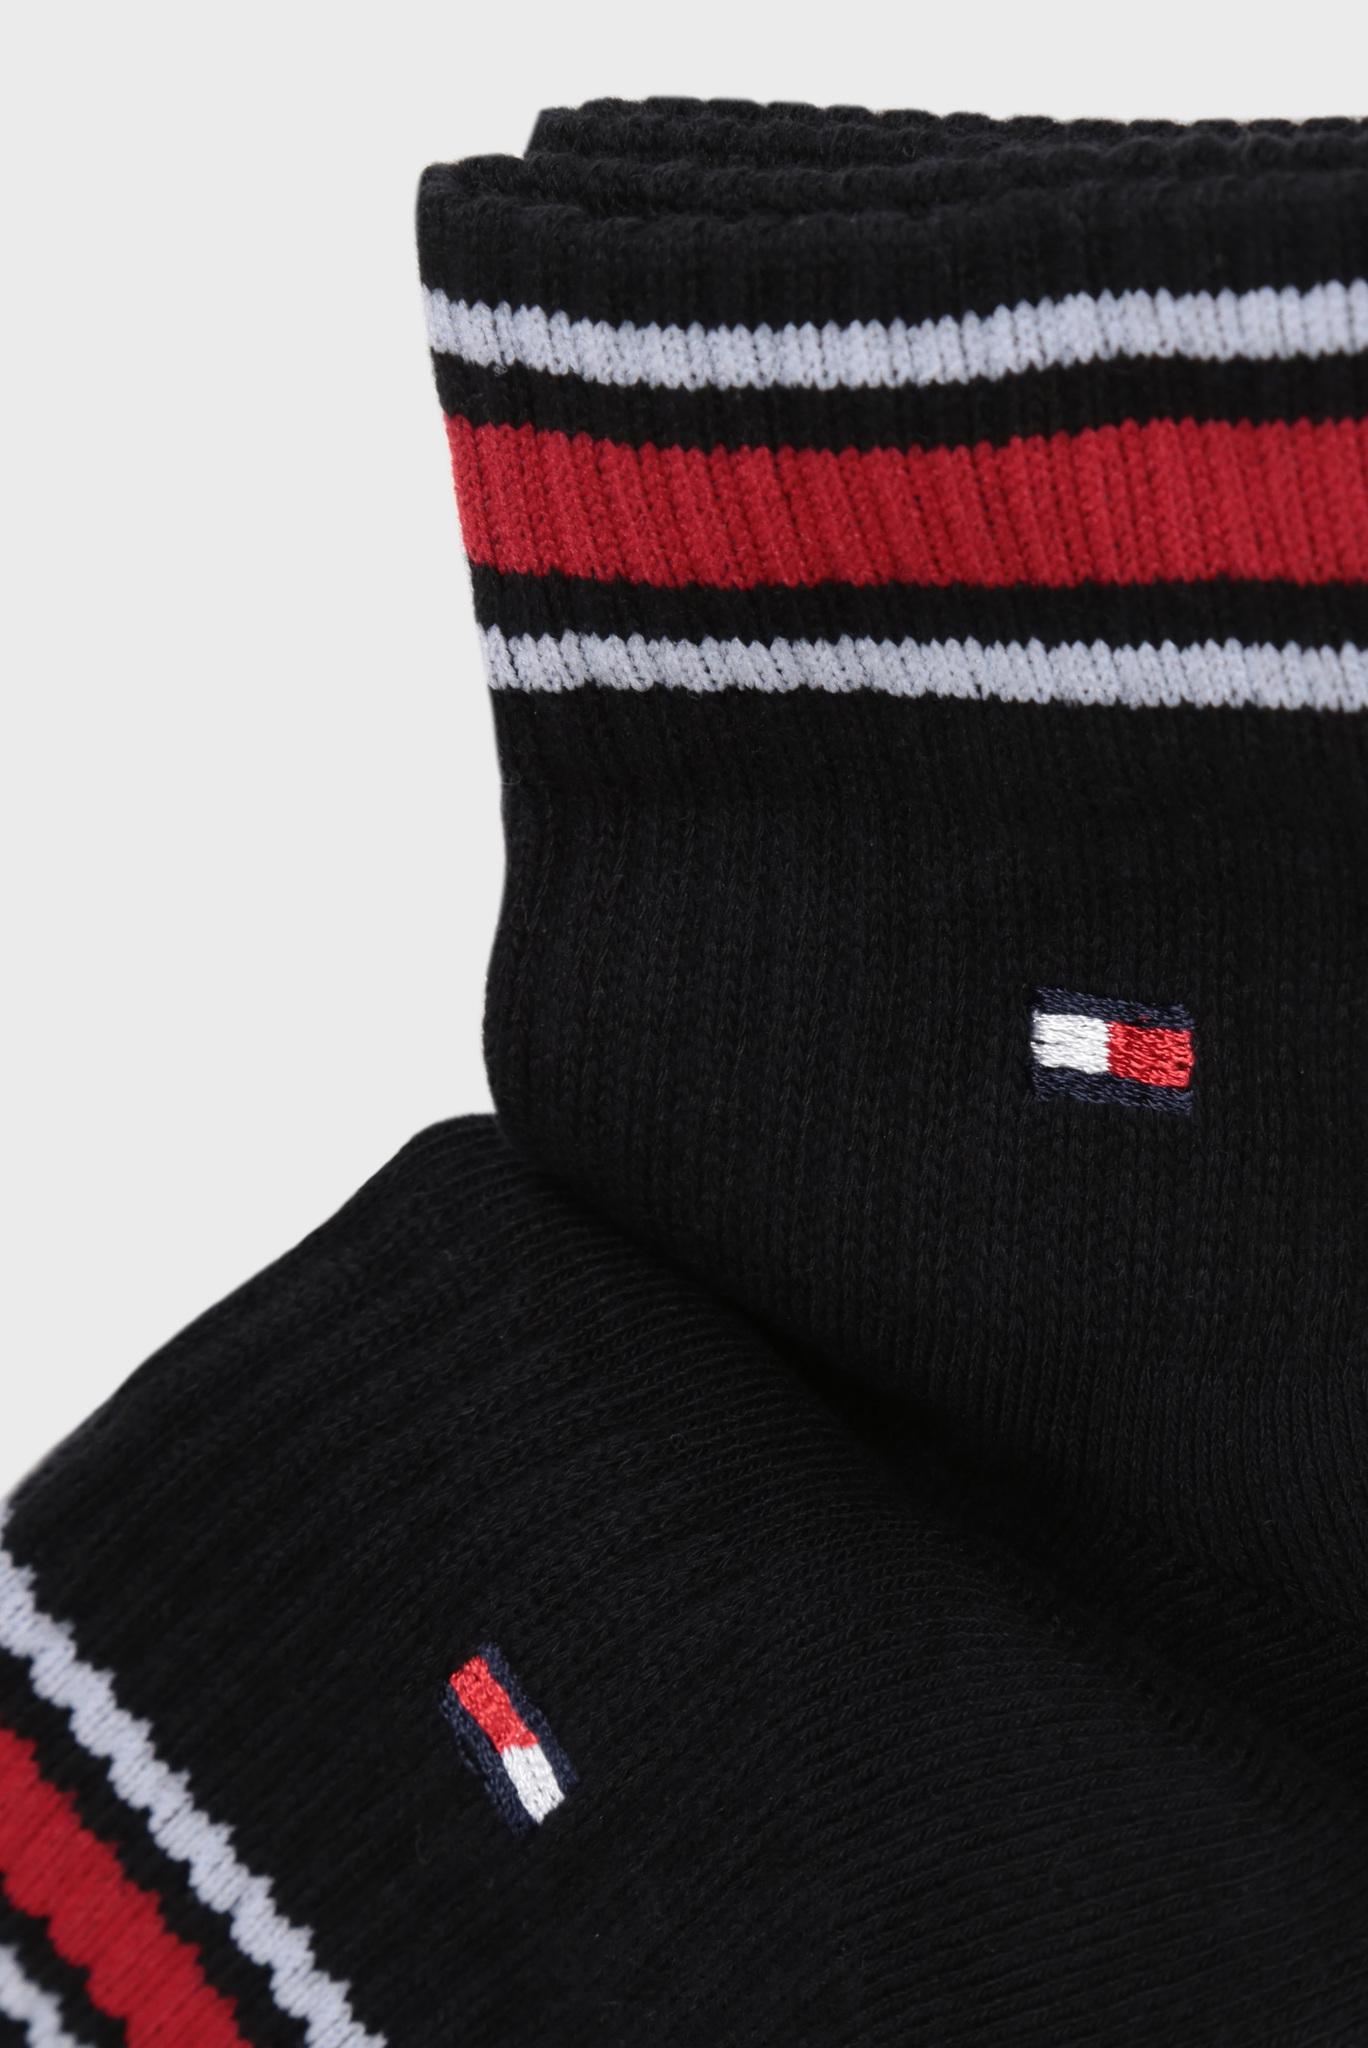 Мужские черные носки ICONIC SPORTS (2 пары) Tommy Hilfiger